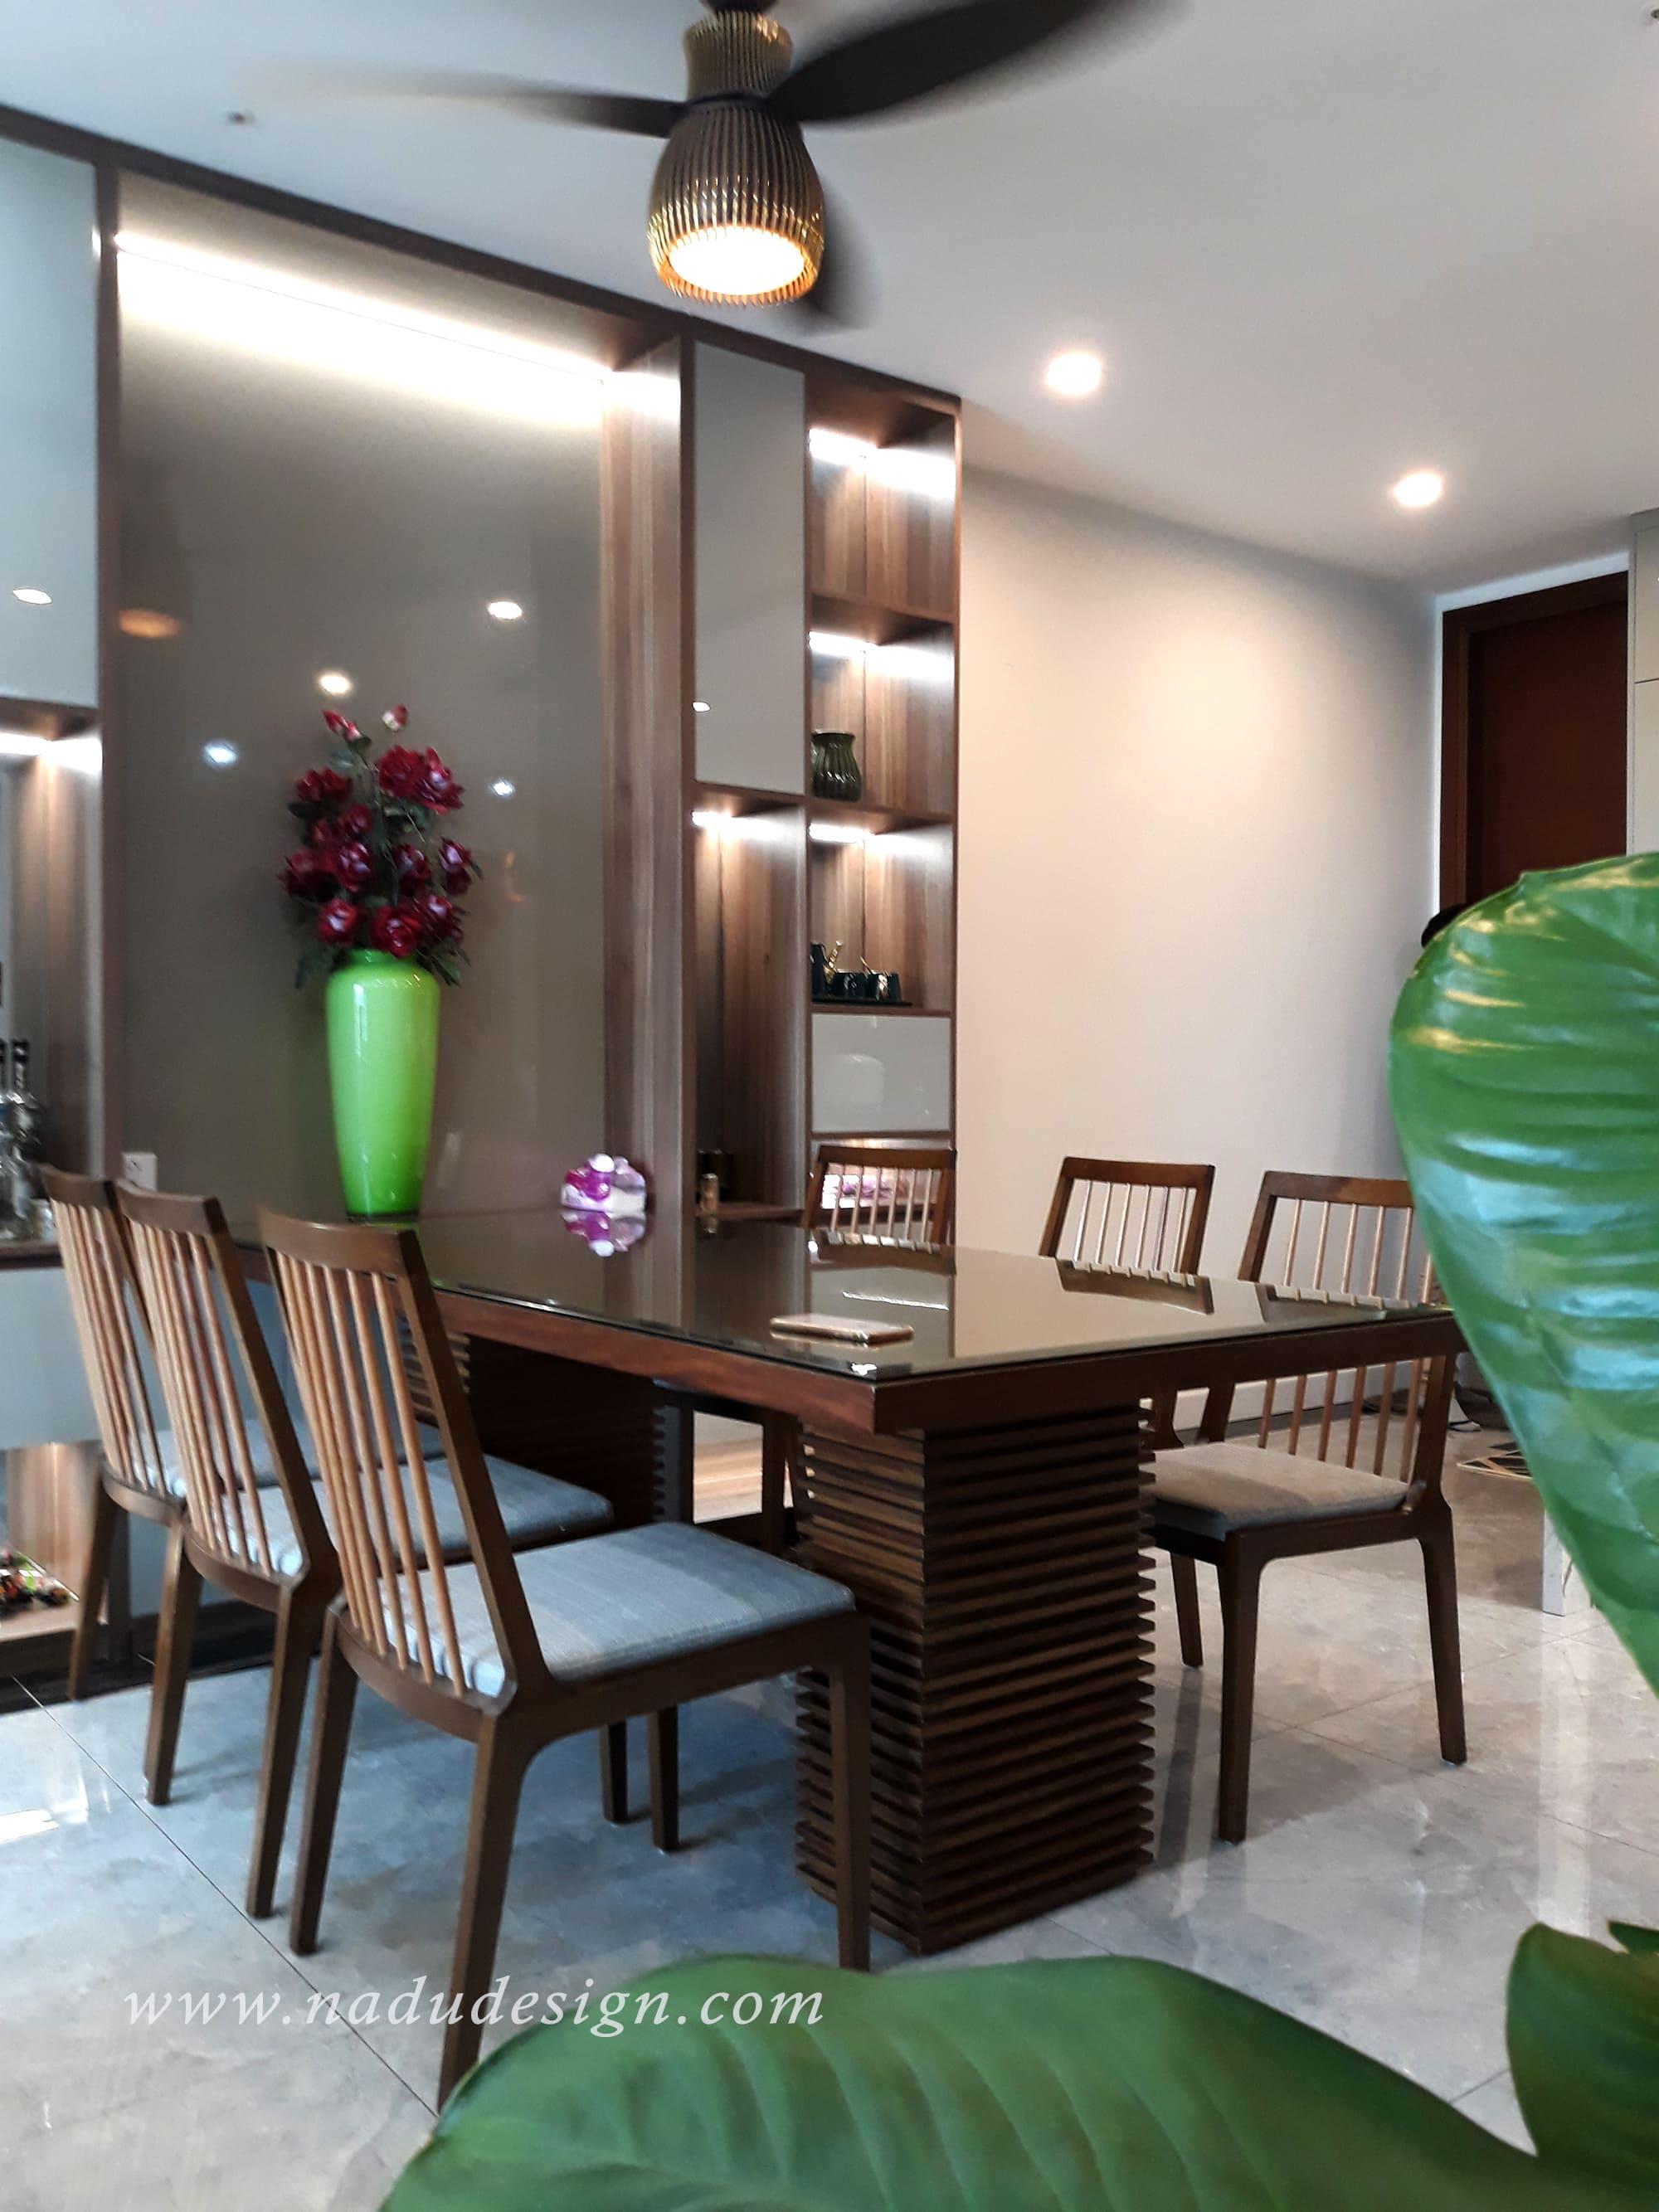 Báo giá hoàn thiện thi công nội thất chung cư